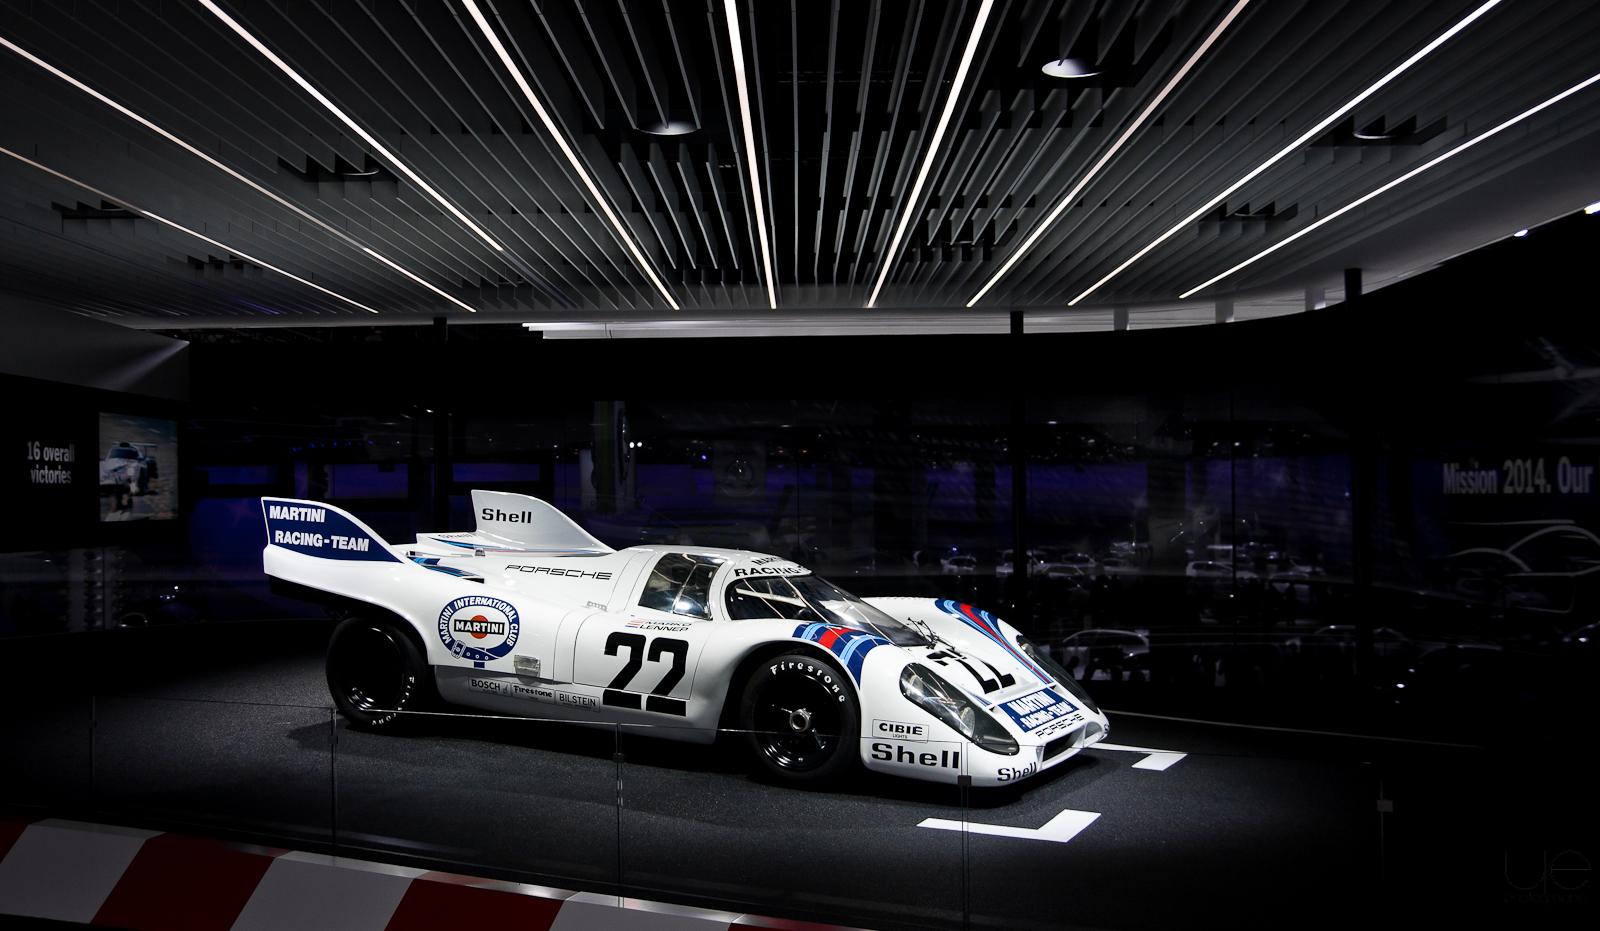 Salon de Francfort – Porsche 917